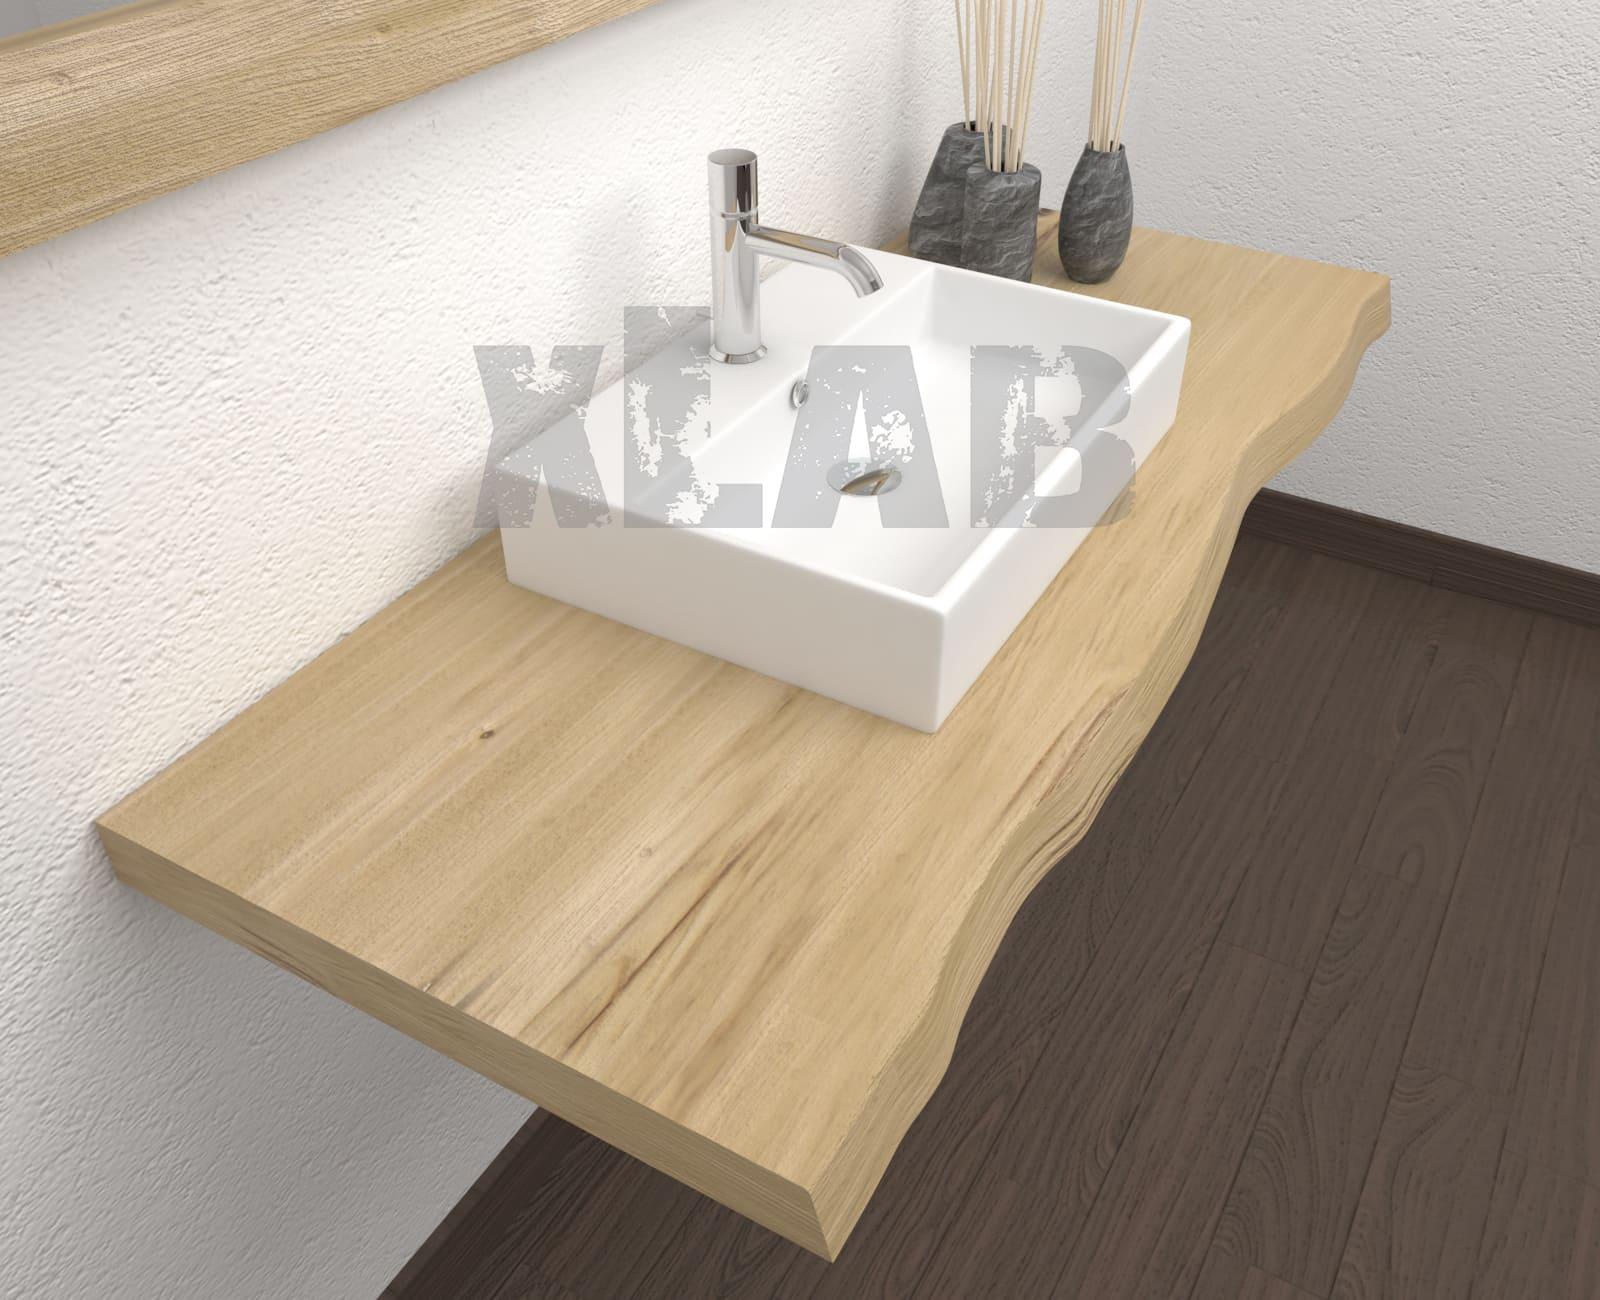 Piano Per Lavabo Da Appoggio piano per lavabo da appoggio in legno con bordo rustico - denise